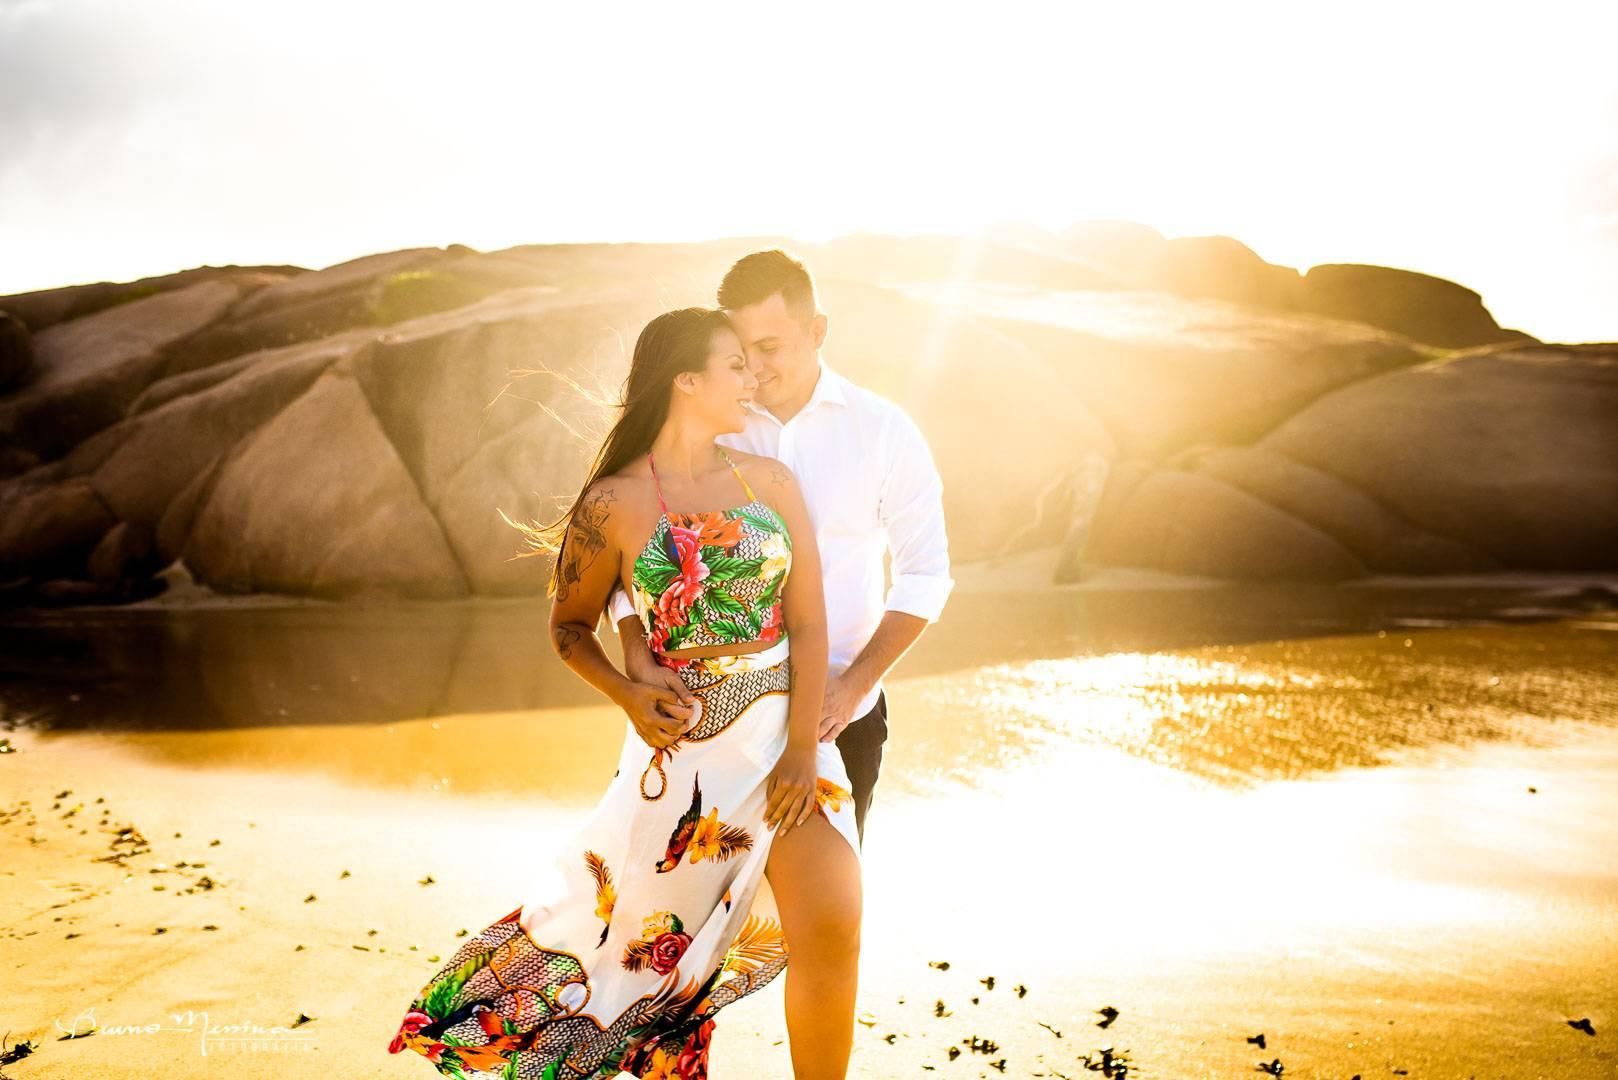 Ensaio Casal em Floripa- sessão de fotos casal-fotos de casal- ensaio casal na praia